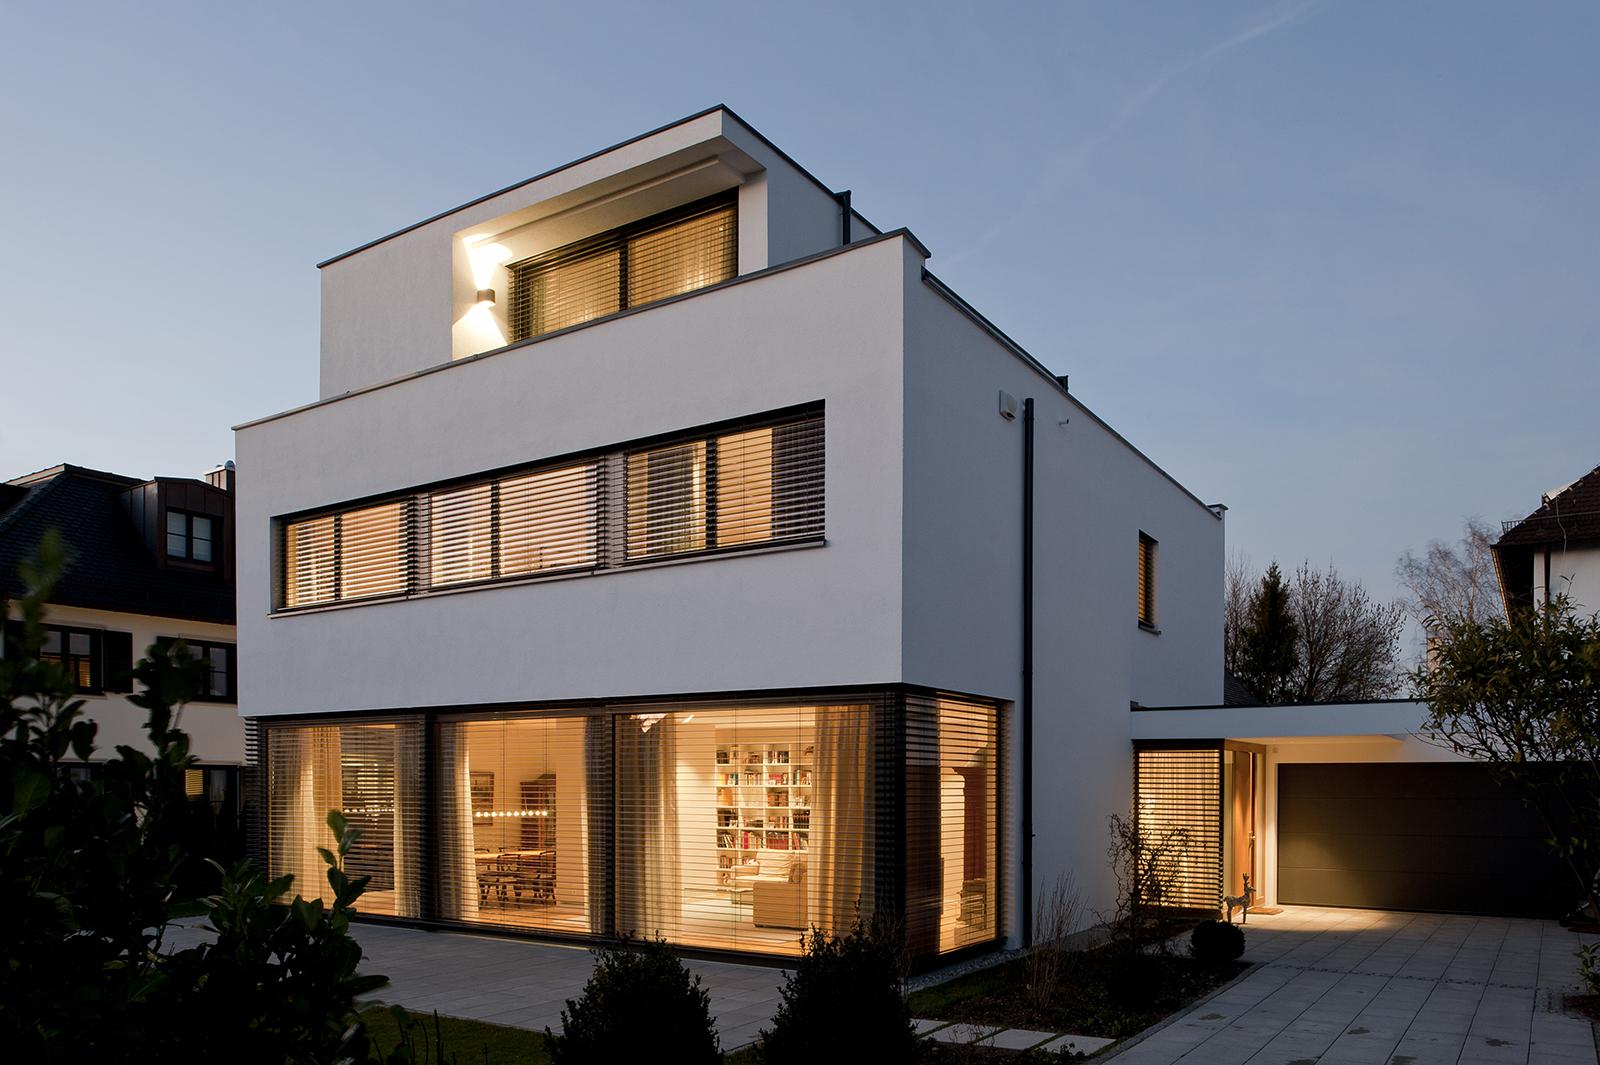 Villa edition od15 muenchenarchitektur for Studium zum architekten